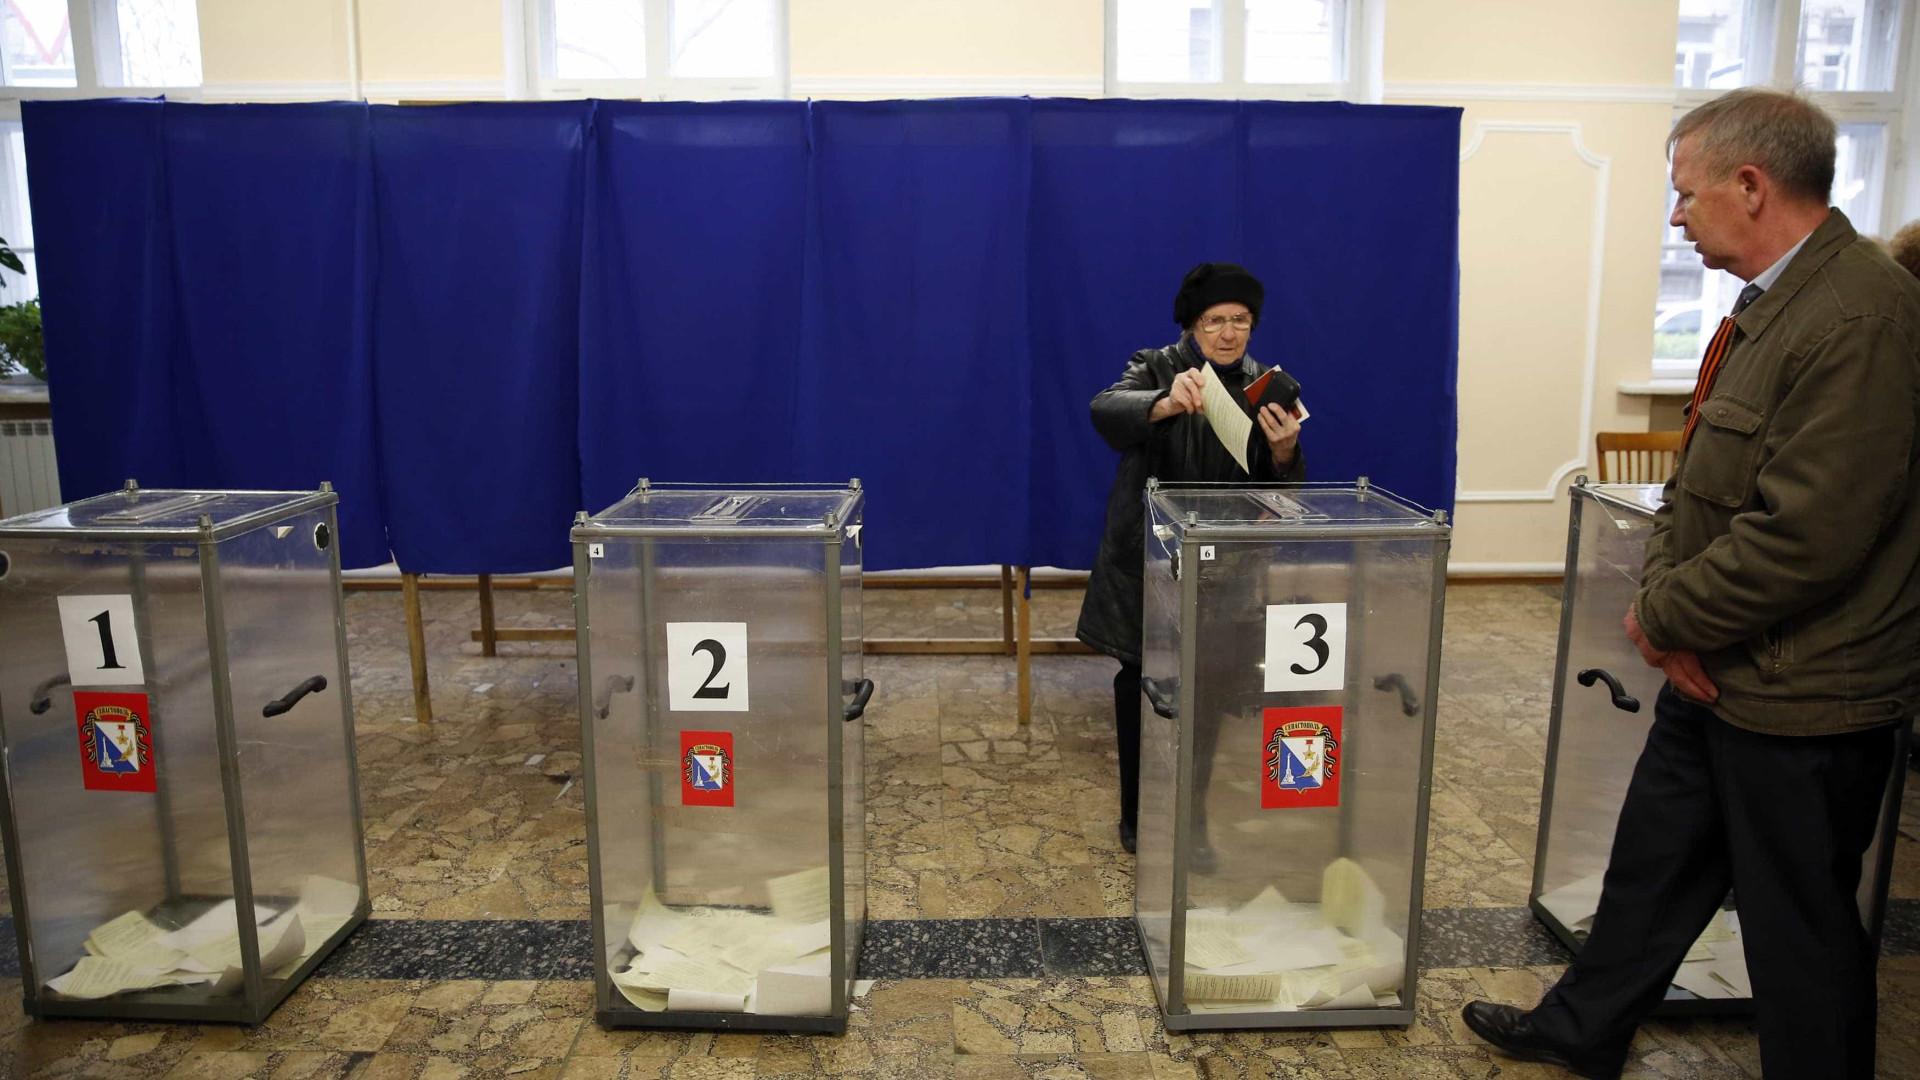 Nacionalistas ucranianos protestam contra votação em consulados russos